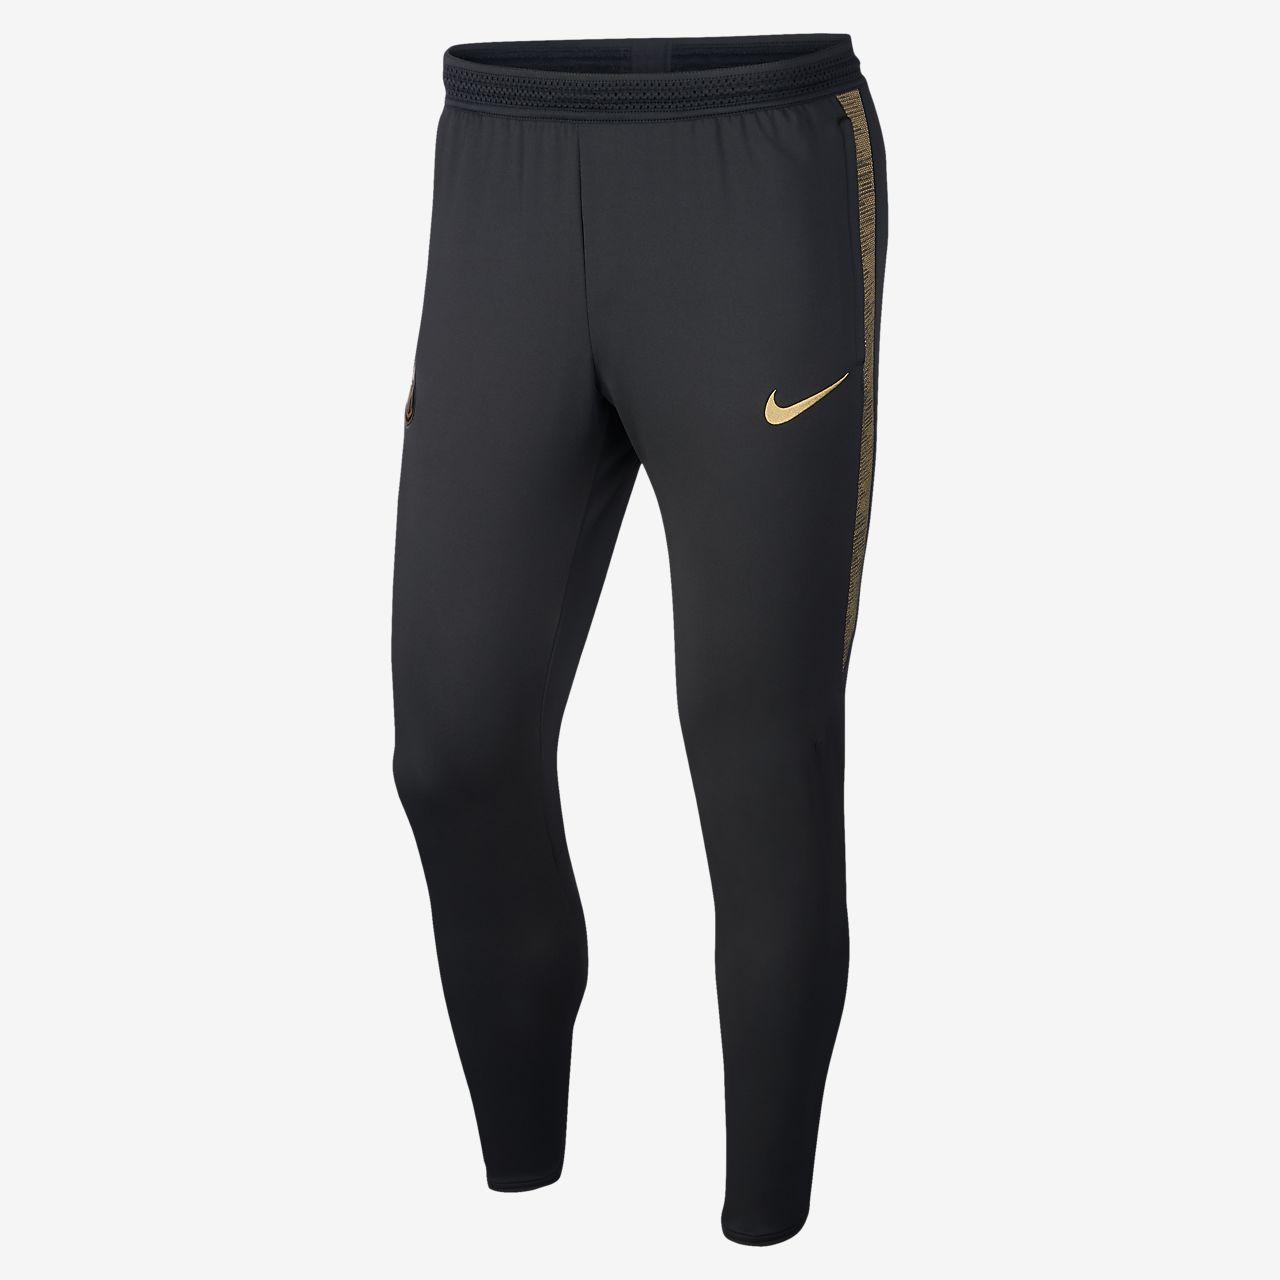 Nike Pour Strike Fit Milan Pantalon Inter De Homme Football Dri QCsrthd